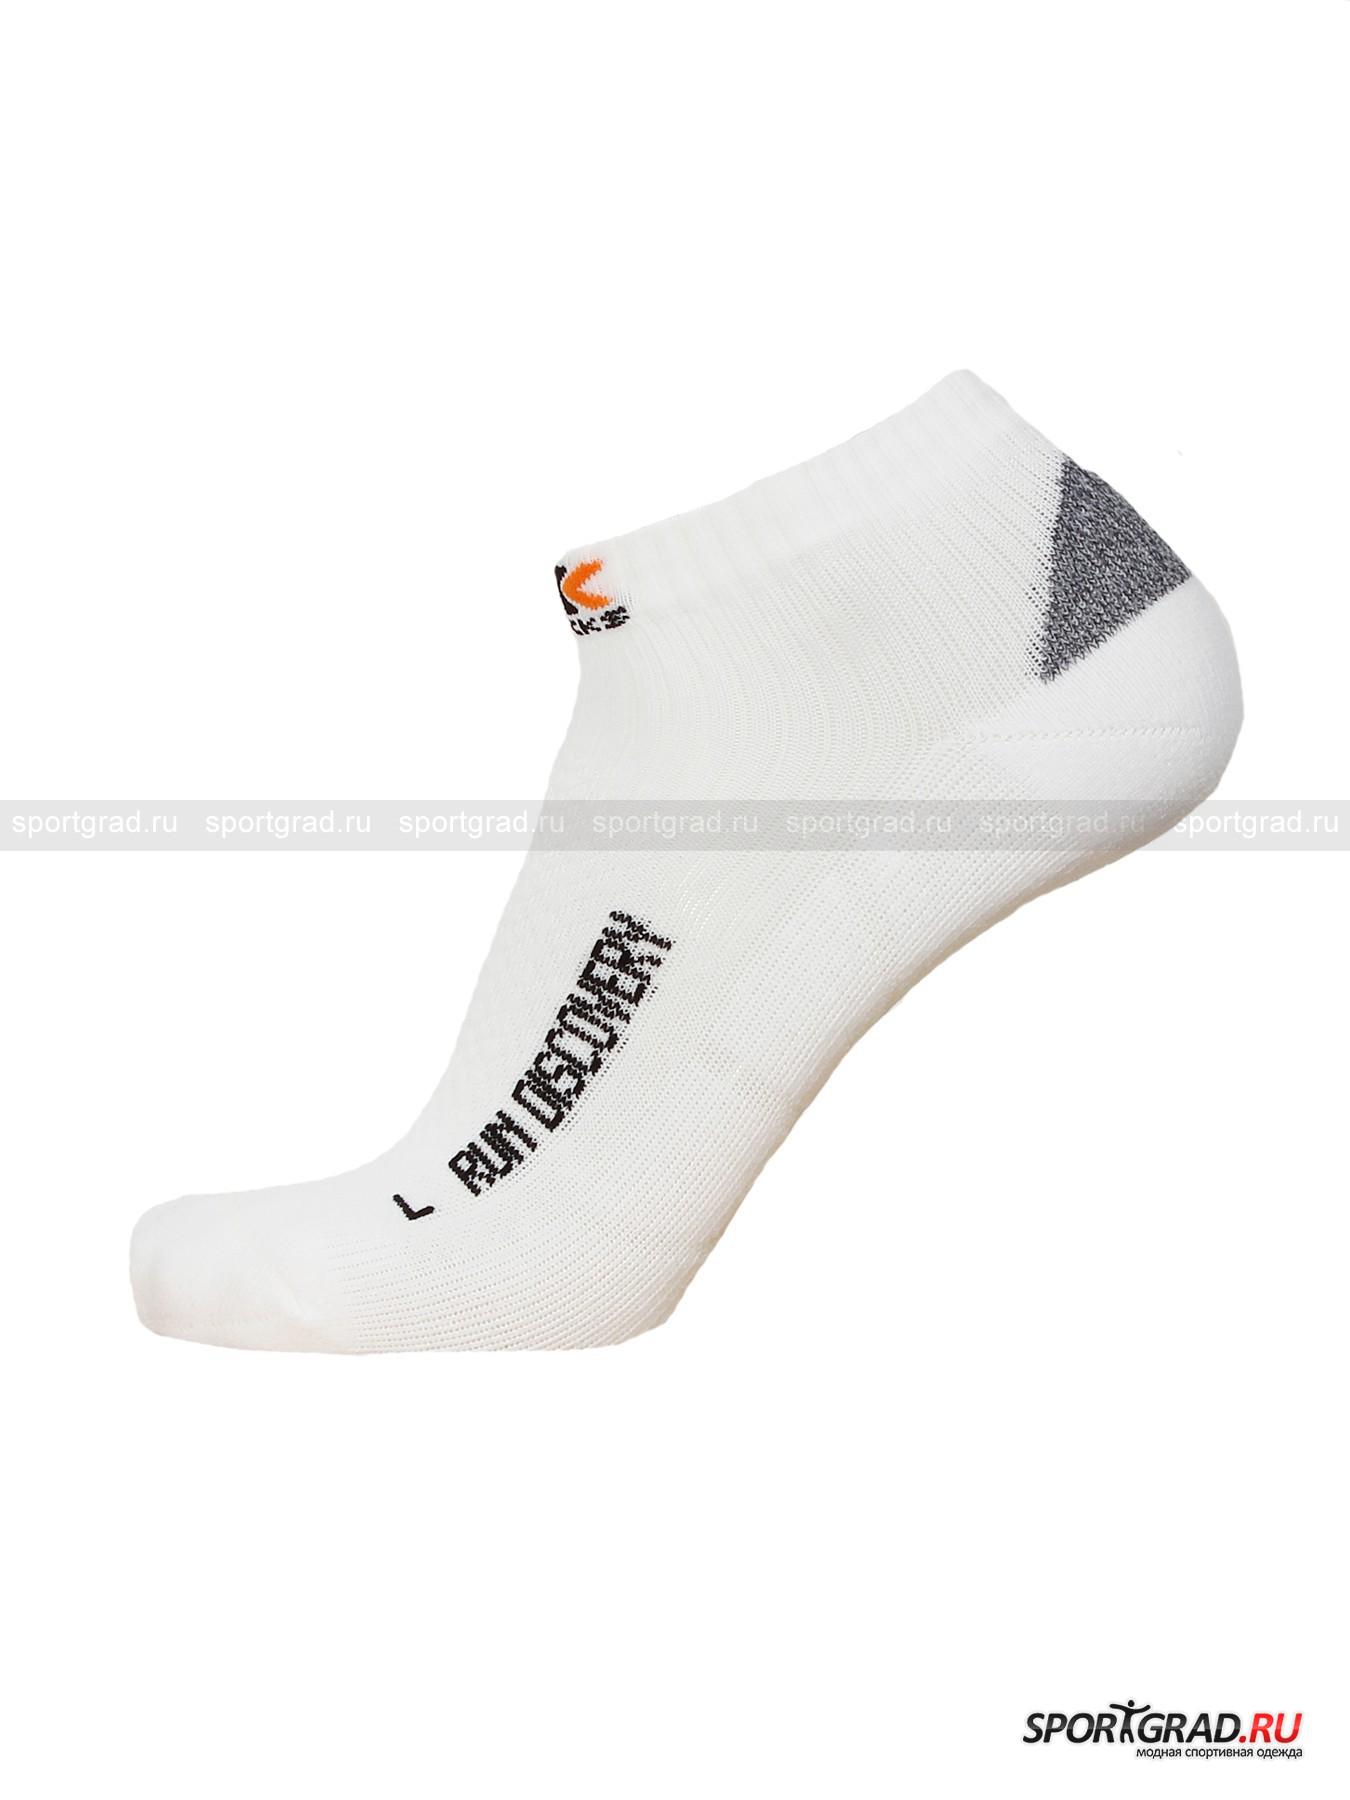 Носки унисекс X-SOCKS RUN DISCOVERY V 2.0